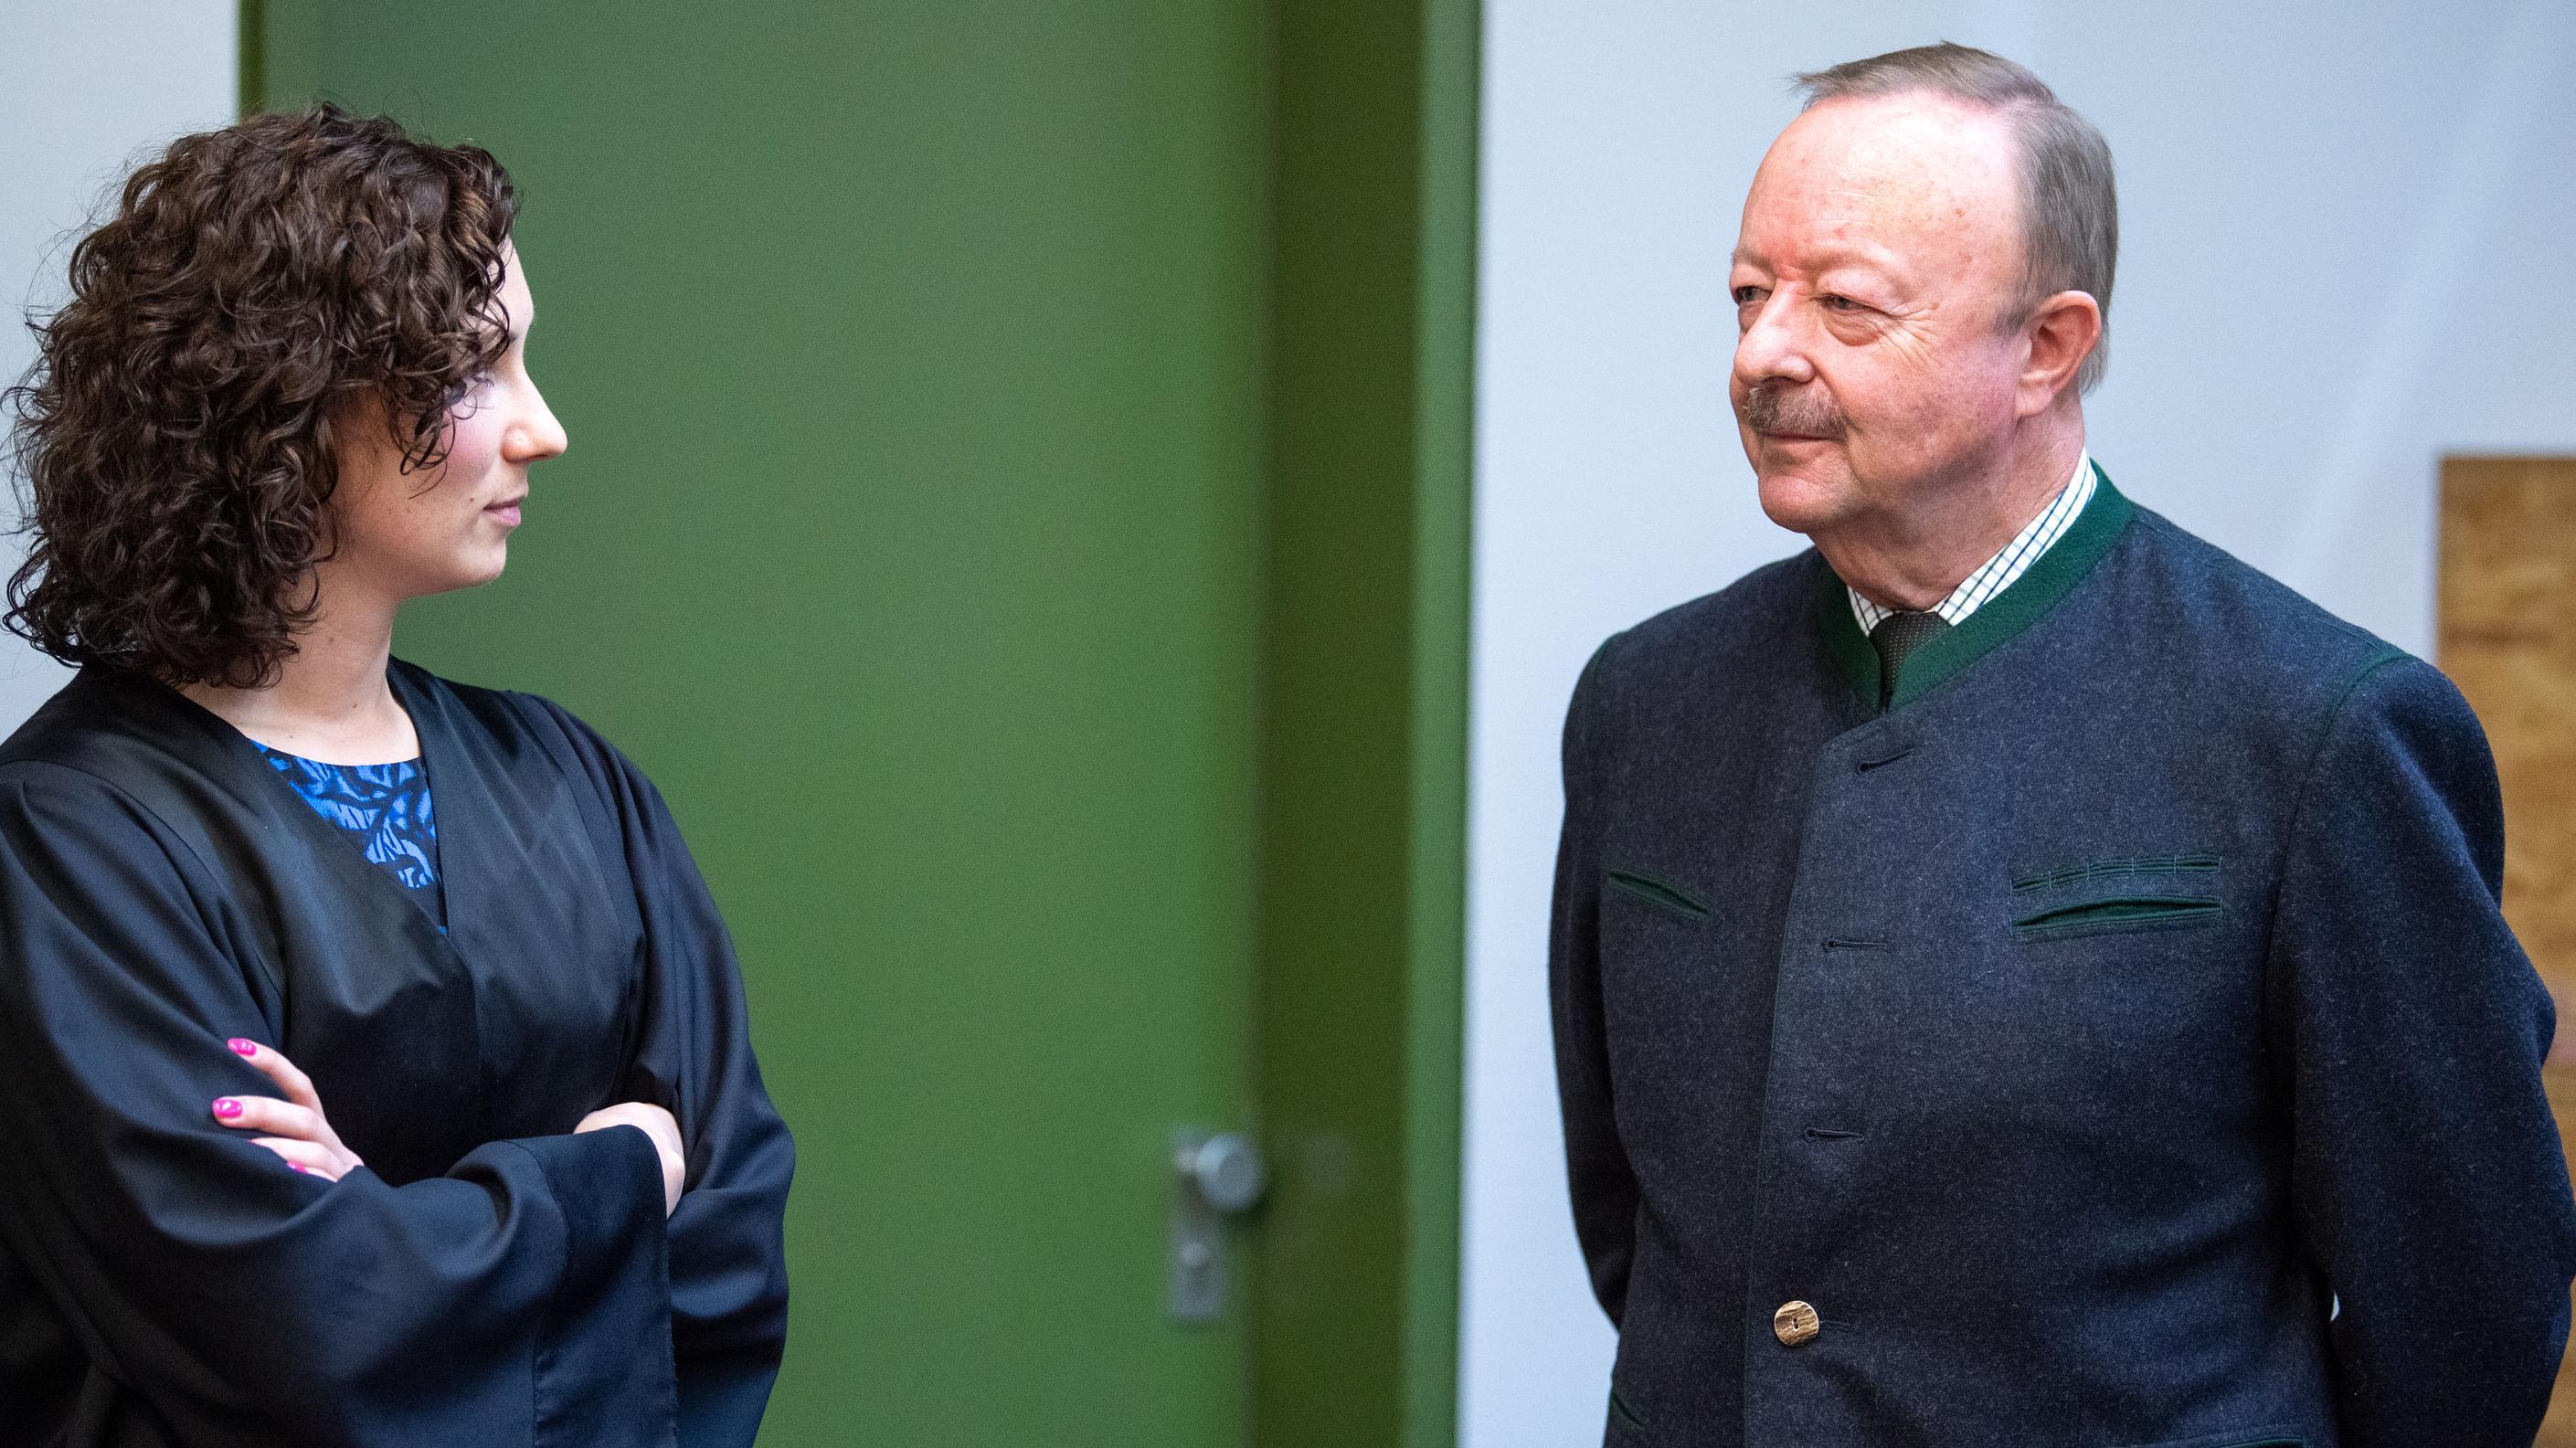 Der Angeklagte Georg Bromme (r) steht am ersten Prozesstag mit seiner Verteidigerin Stefanie Mayer in einem Saal des Landgerichts München II.